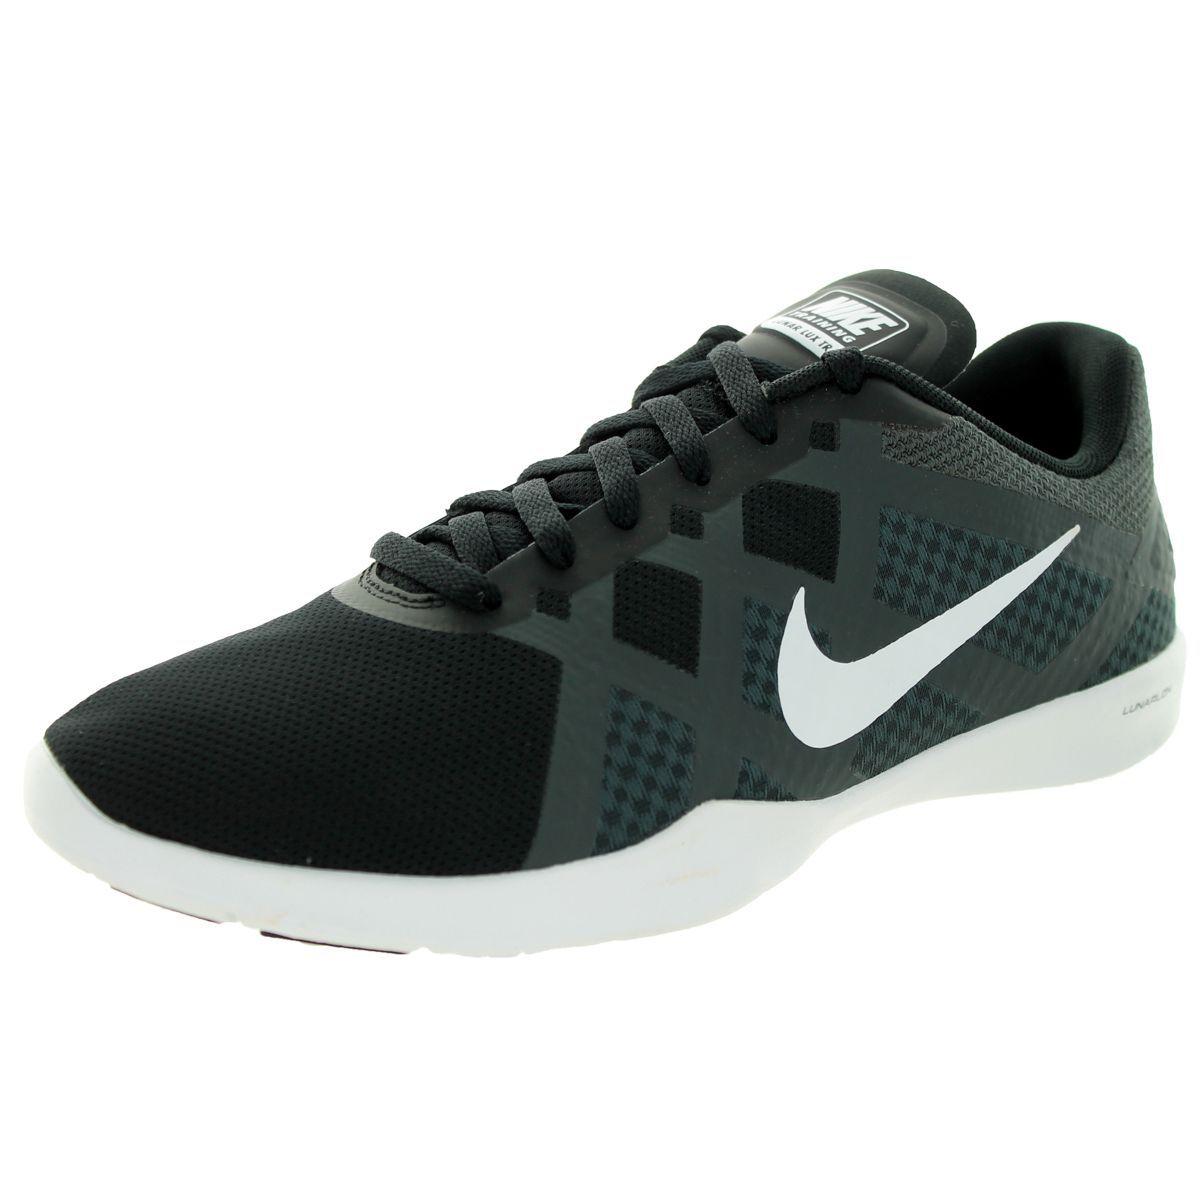 dc72ec241ea2 Nike Women s Lunar Lux Tr  White Anthracite Volt Training Shoe ...